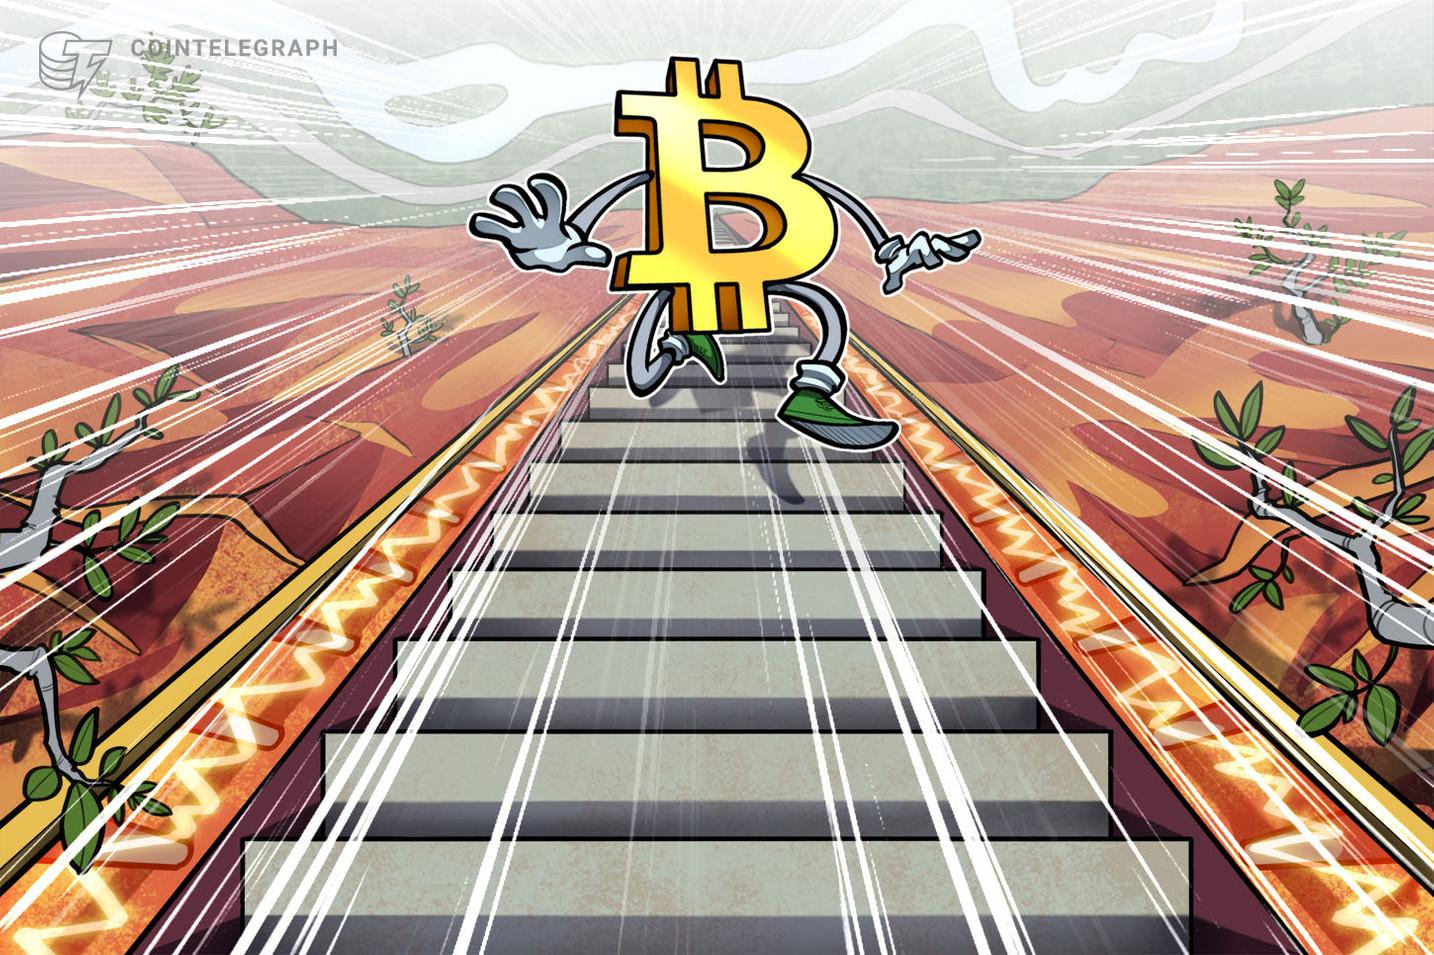 Los niveles de rebote de Bitcoin se extienden a USD 36,000 con los alcistas indiferentes ante la caída del precio de BTC del 8%